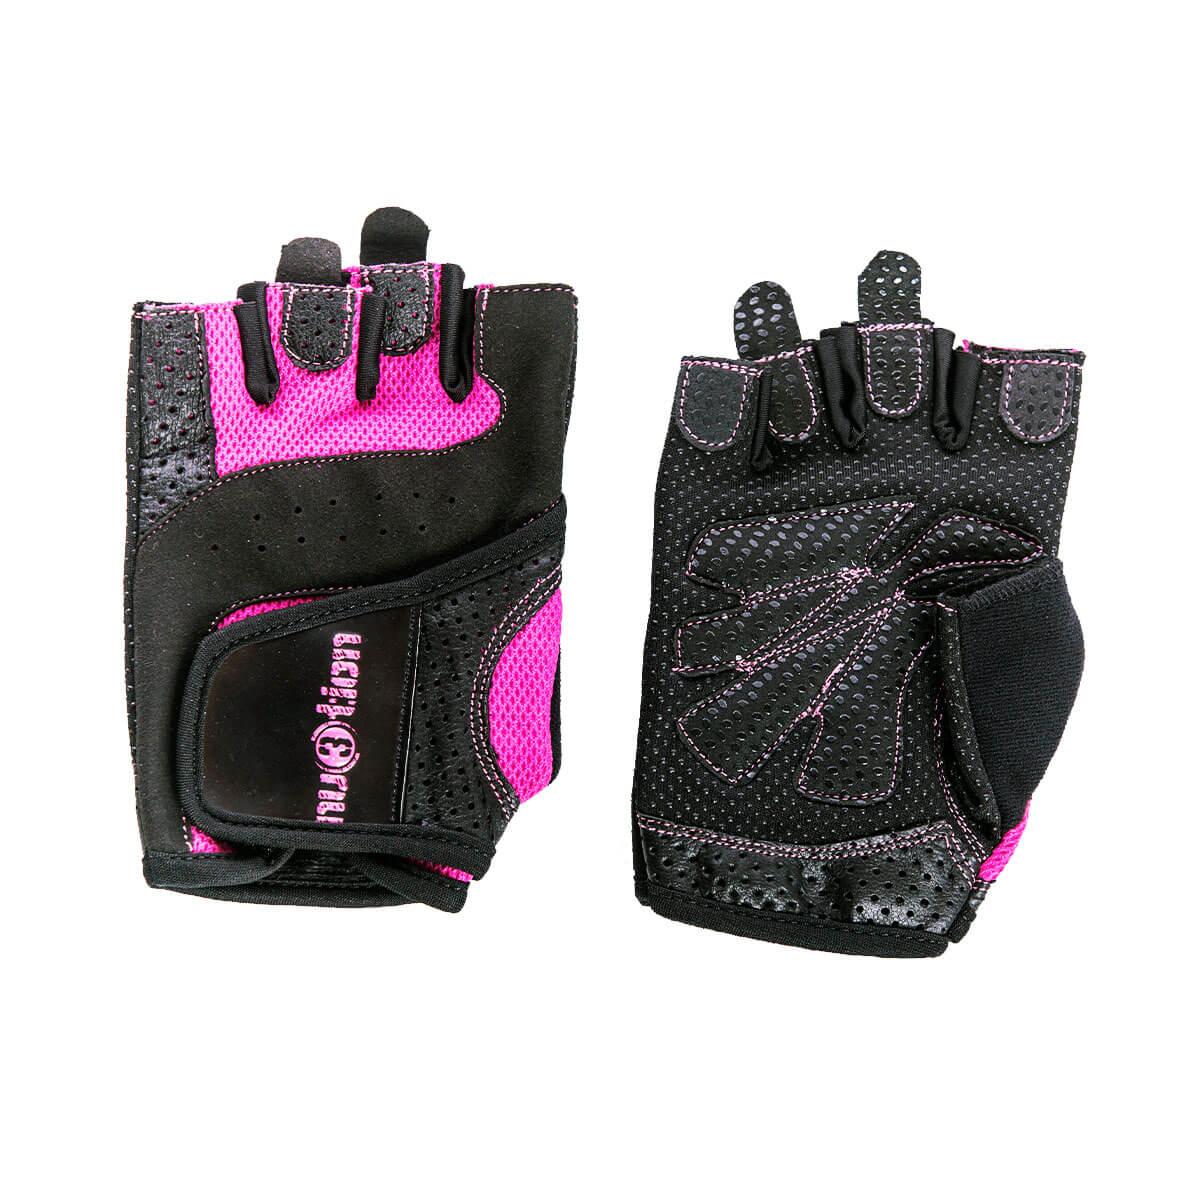 nu3tion Fitness rukavice dámské růžové M - nu3tion